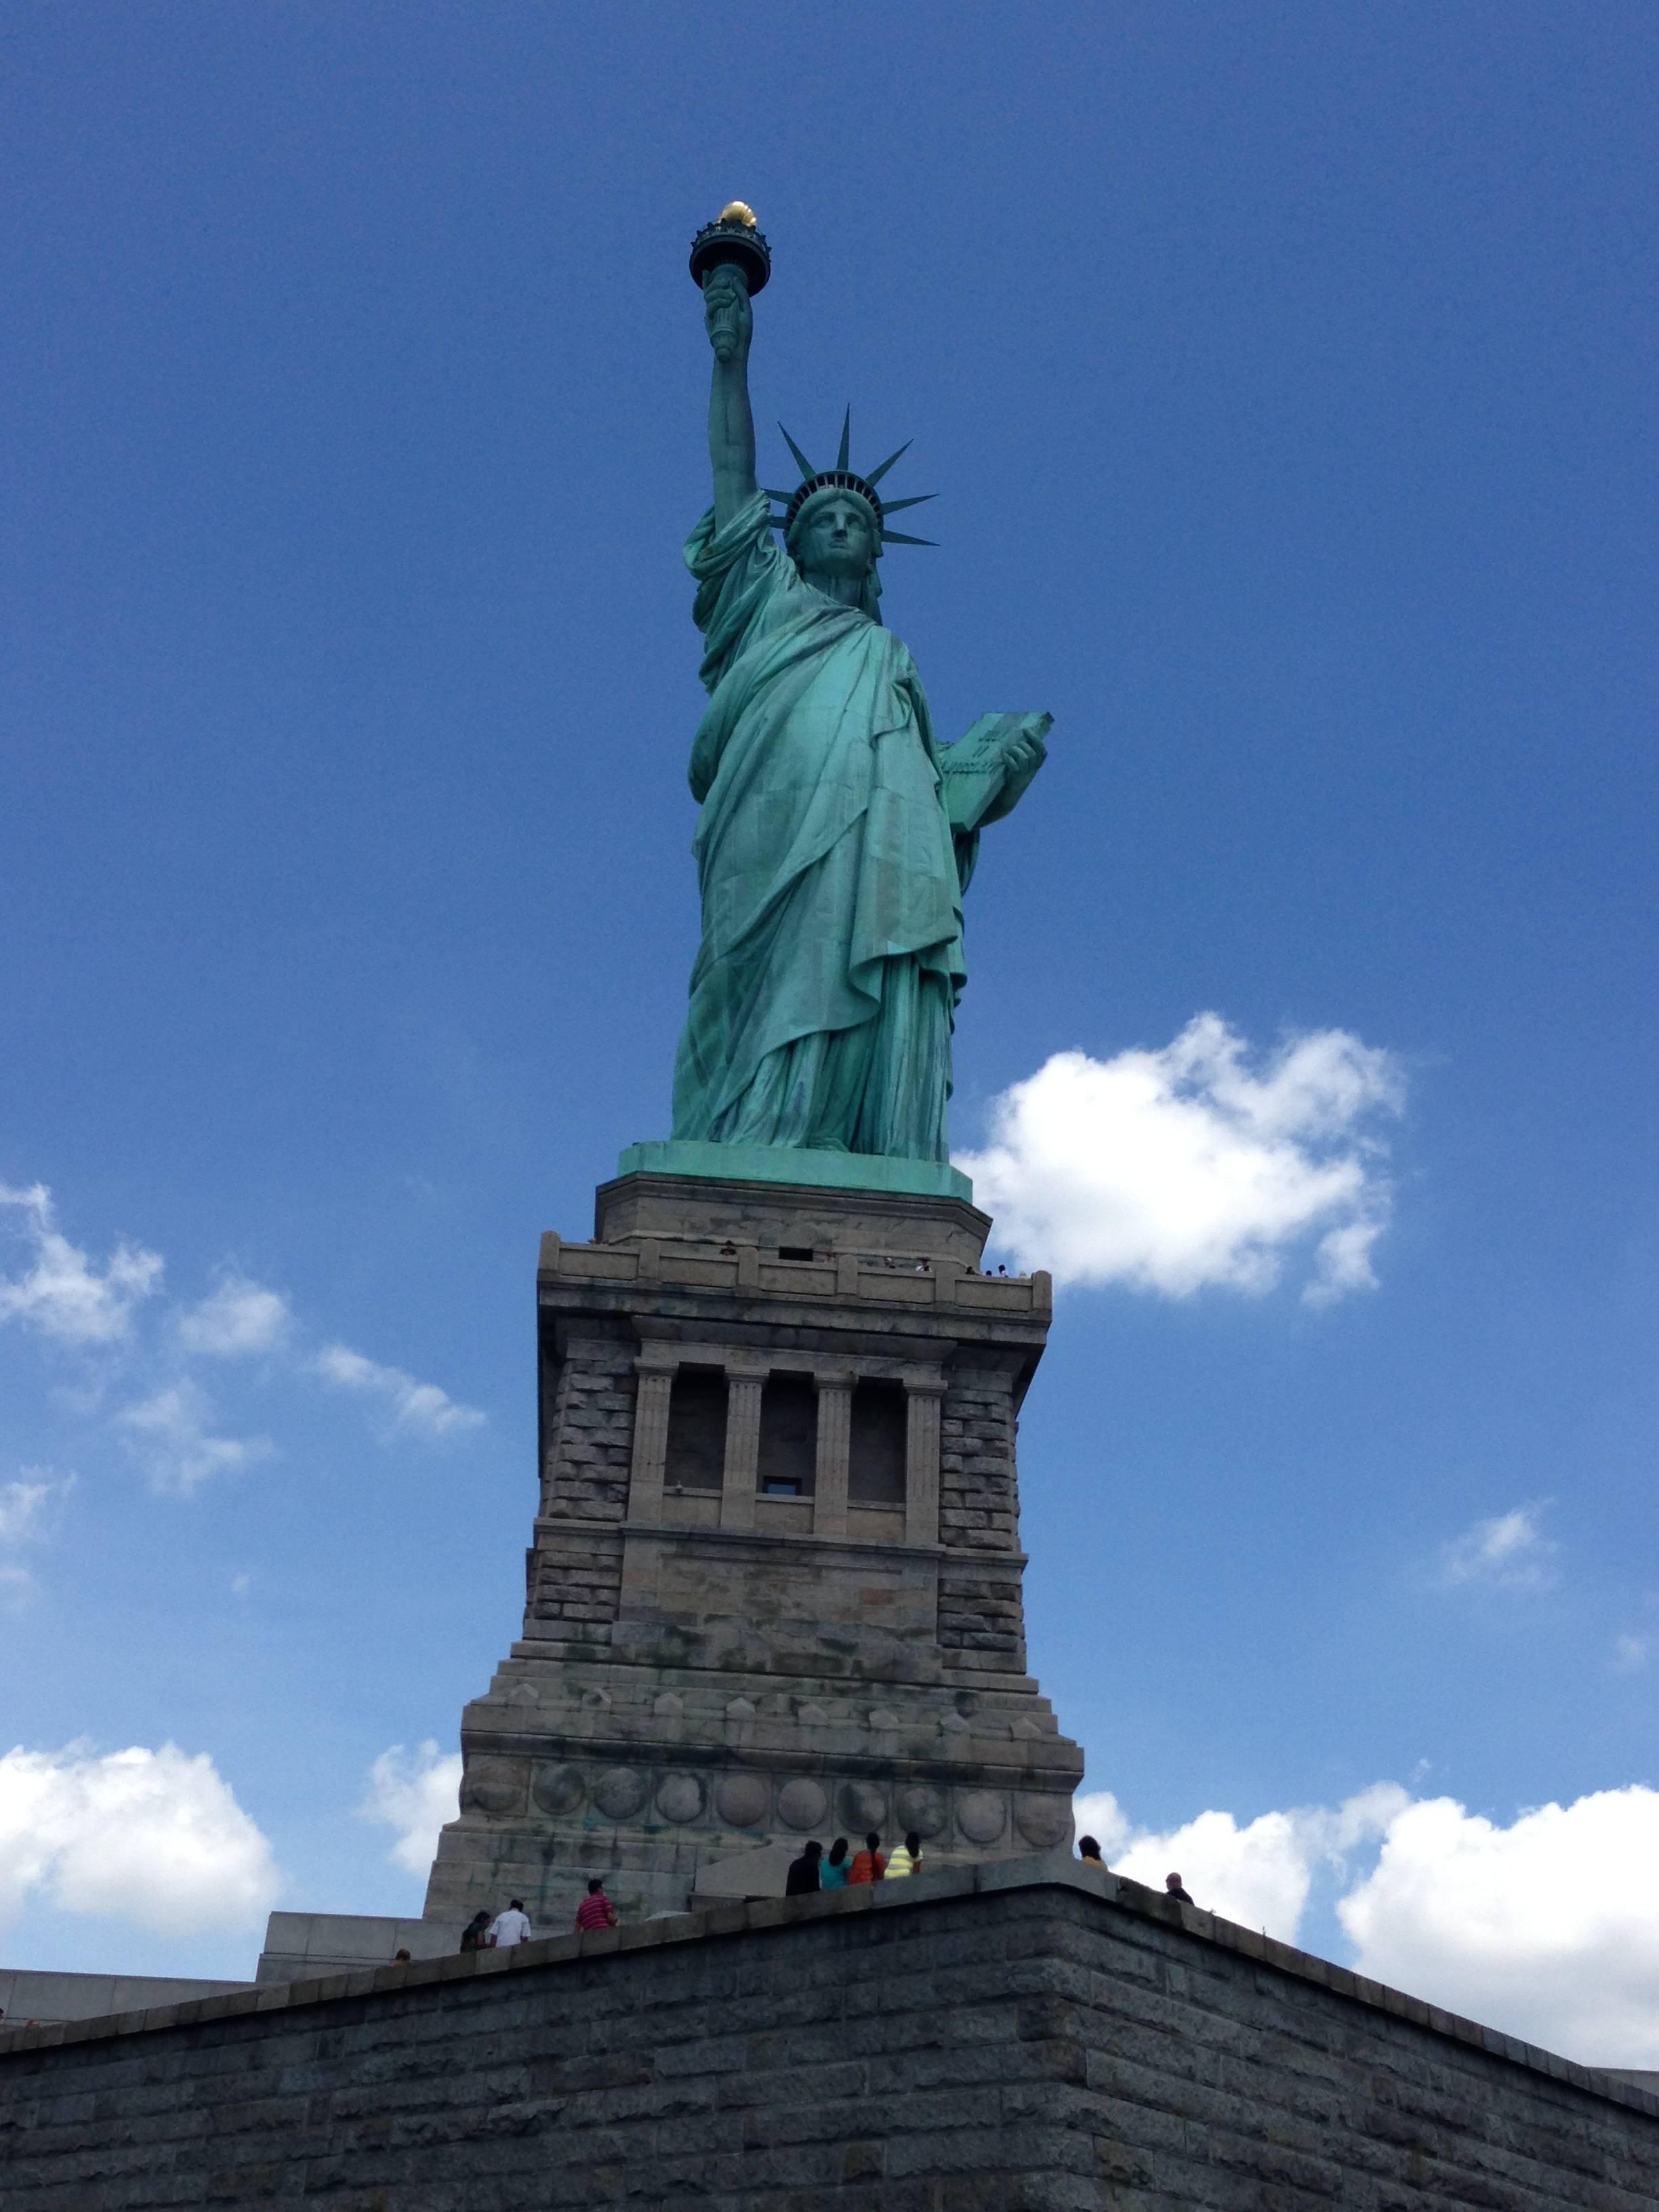 Photo 1: Statue de la Liberté